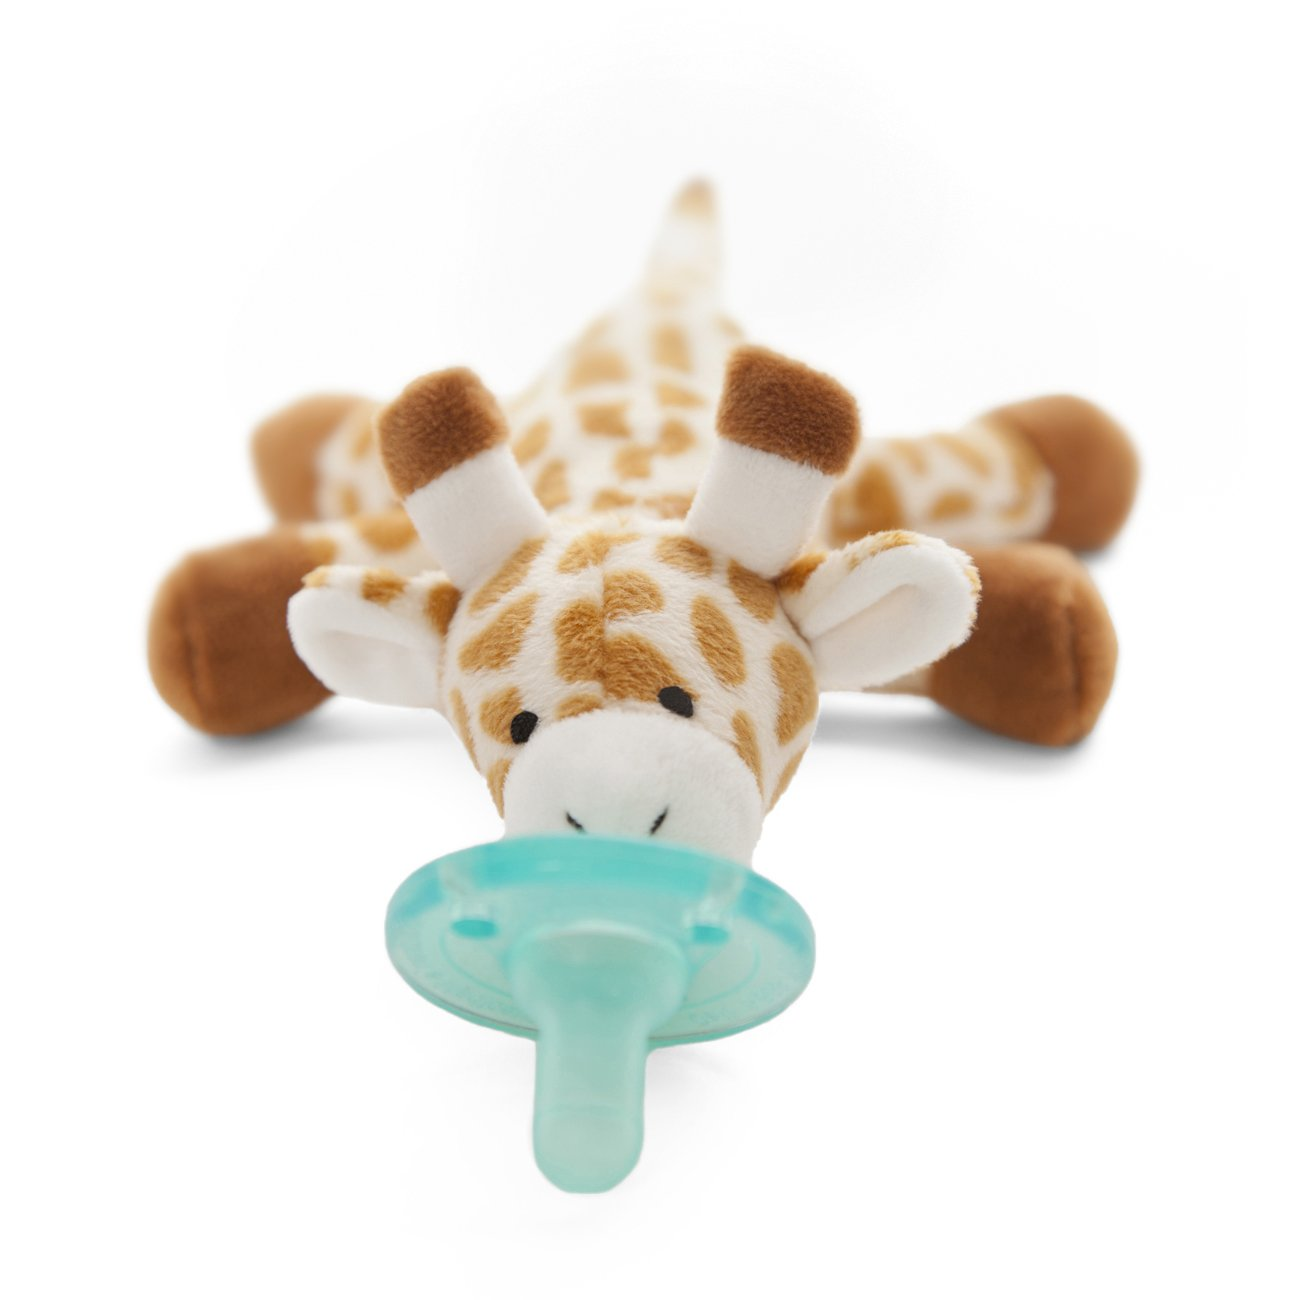 WubbaNub Infant Pacifier - Giraffe by WubbaNub (Image #3)